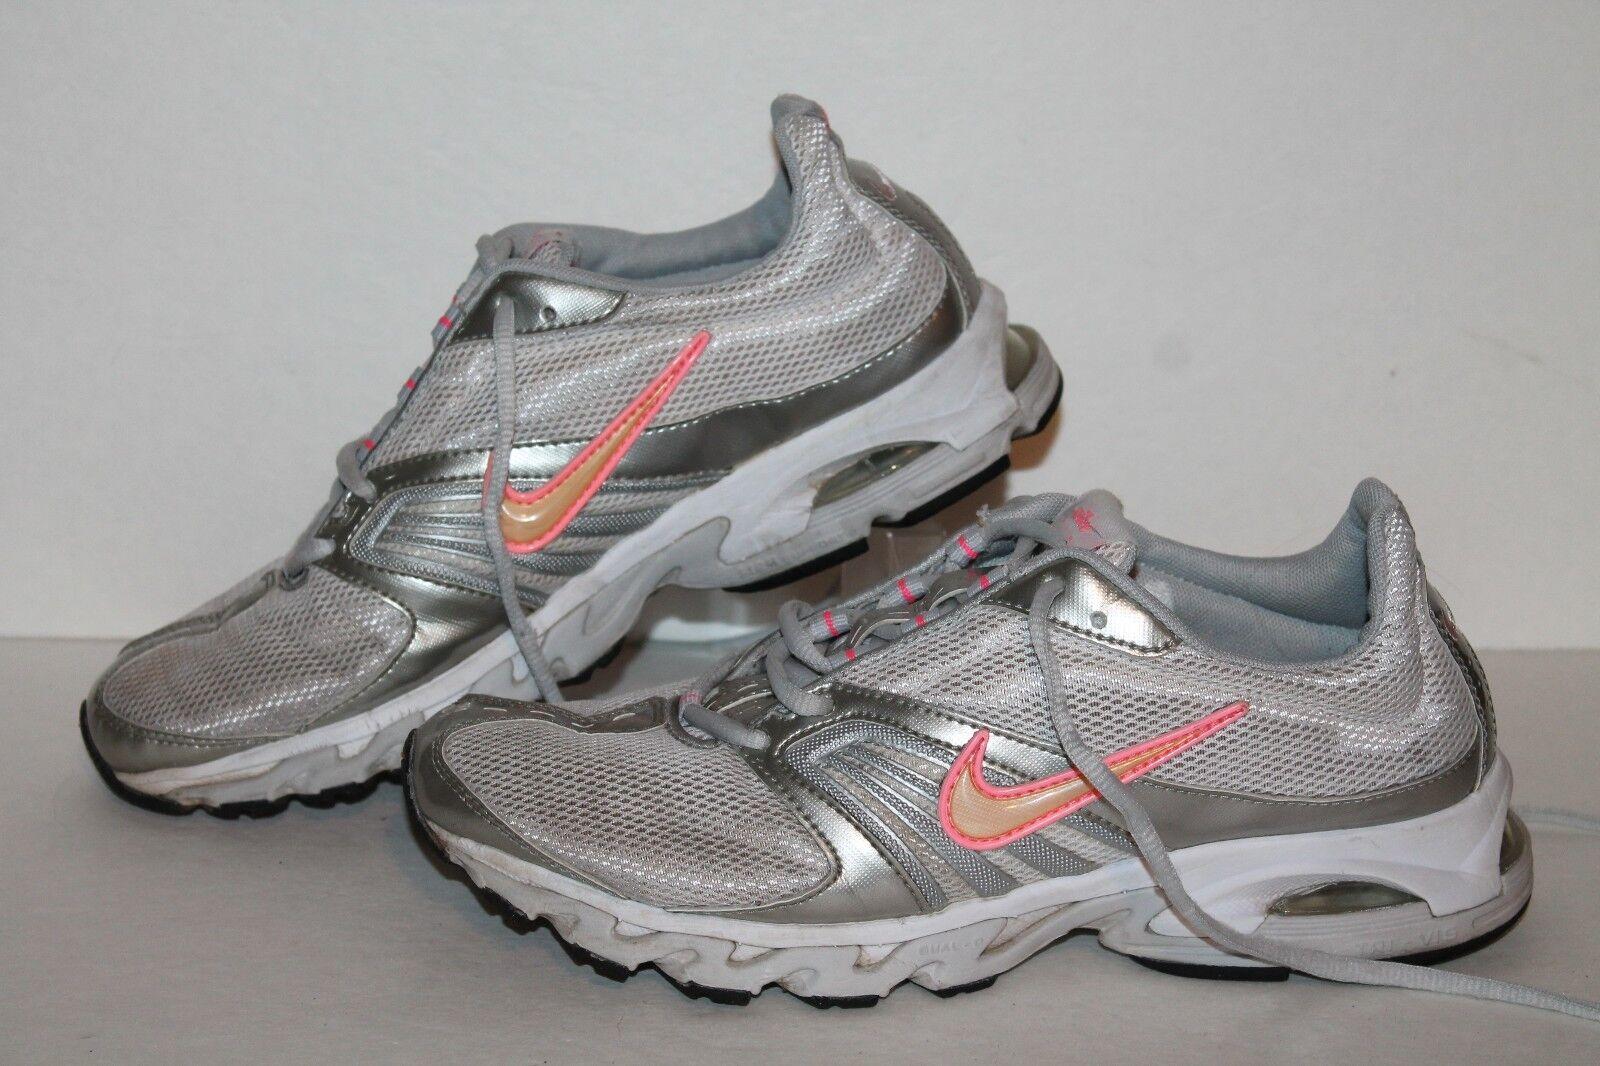 nike air tri des chaussures de course, course, course, slvr / rose / peach,  s nous taille 9 c6f1c9